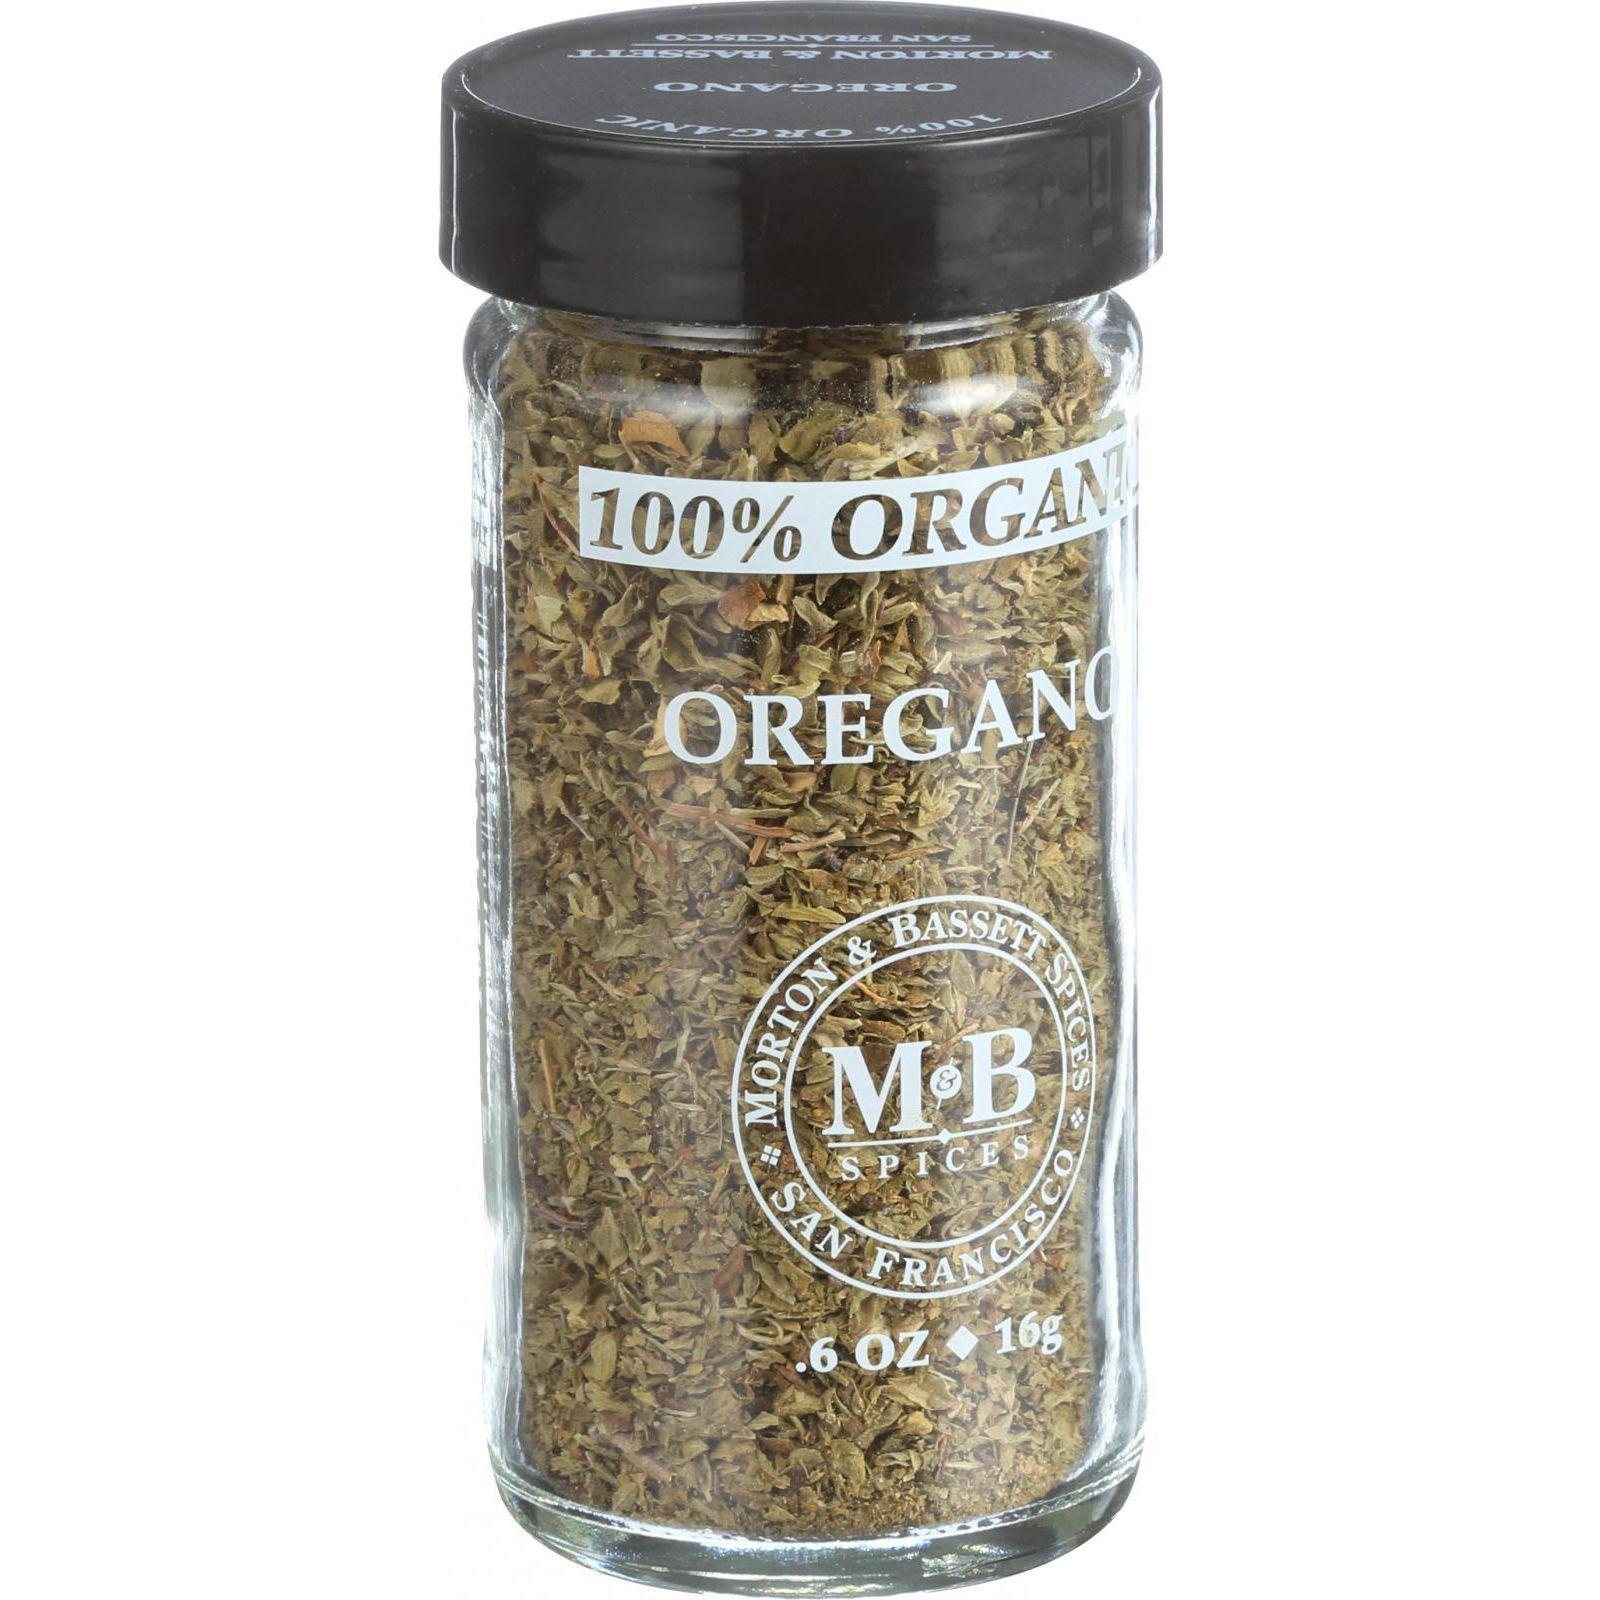 Morton and Bassett 100% Organic Seasoning - Oregano - .7 oz - Case of 3